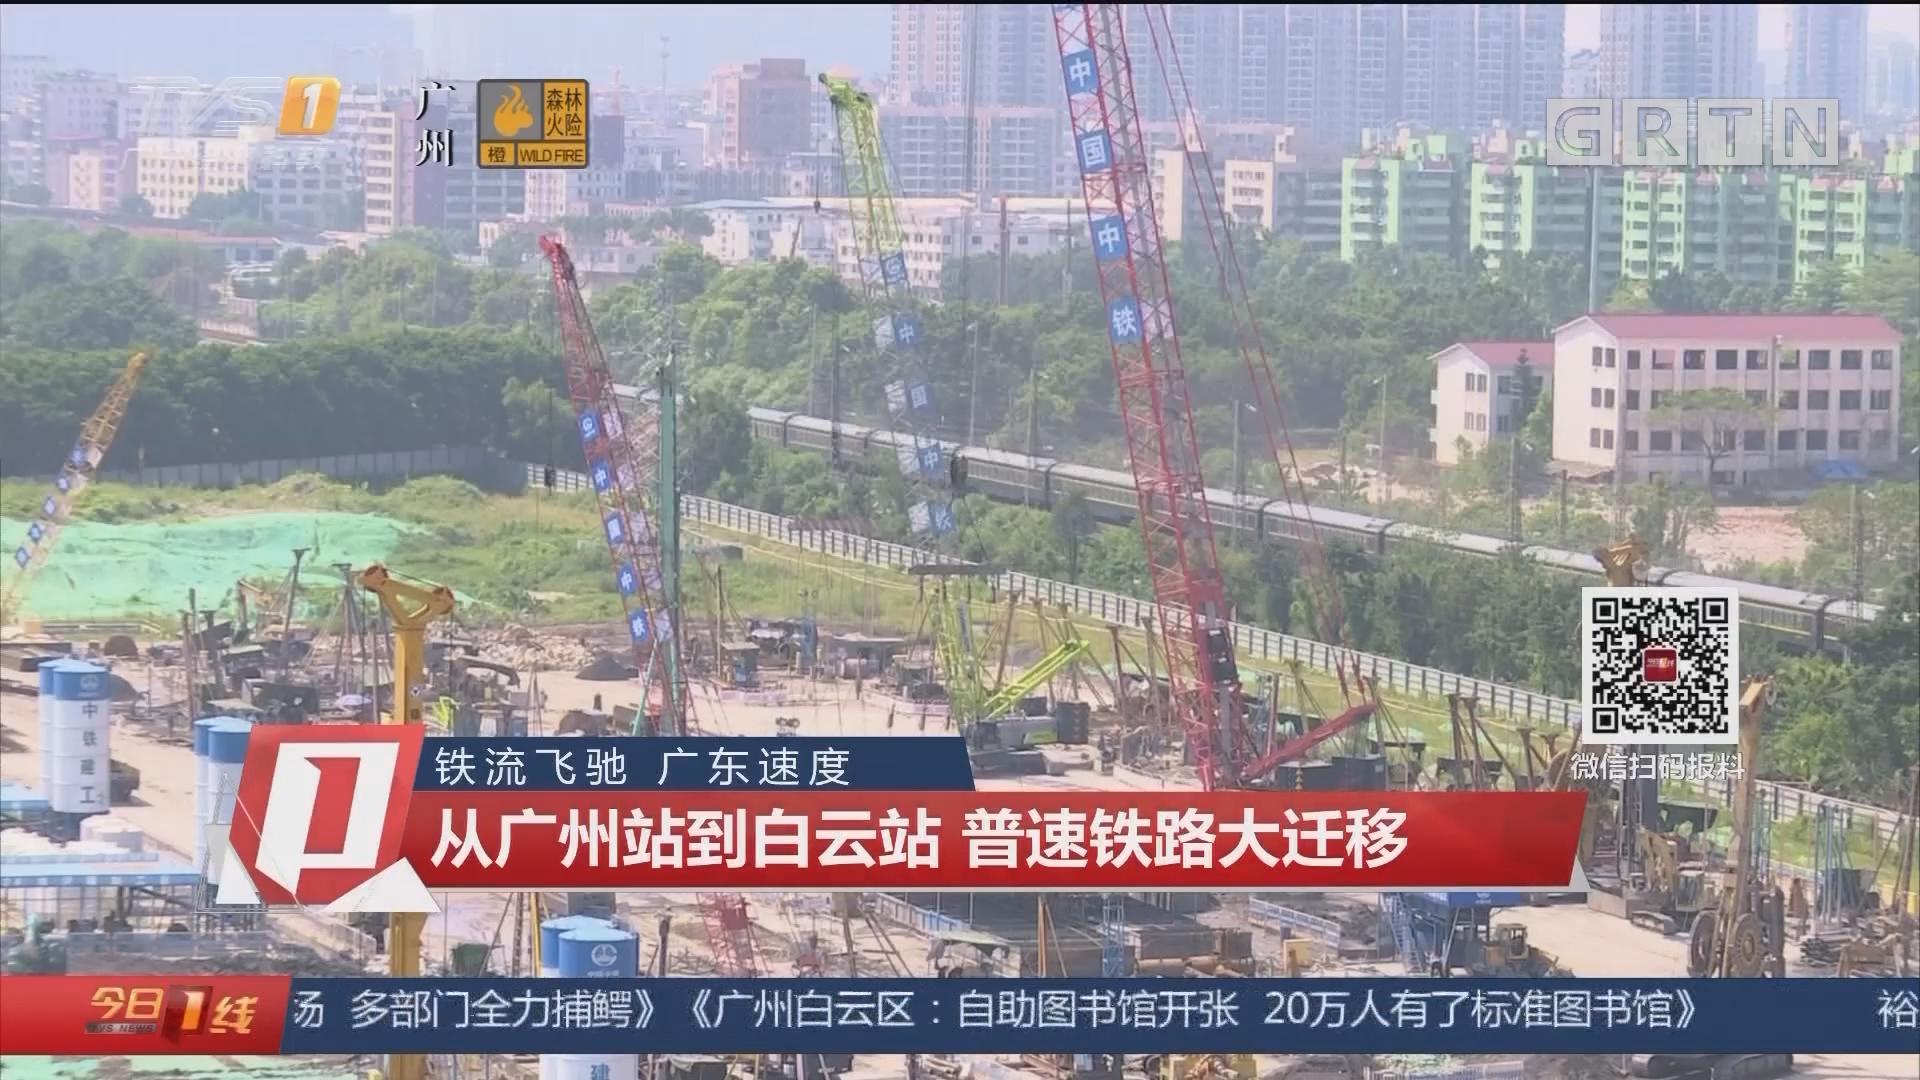 铁流飞驰 广东速度:从广州站到白云站 普速铁路大迁移